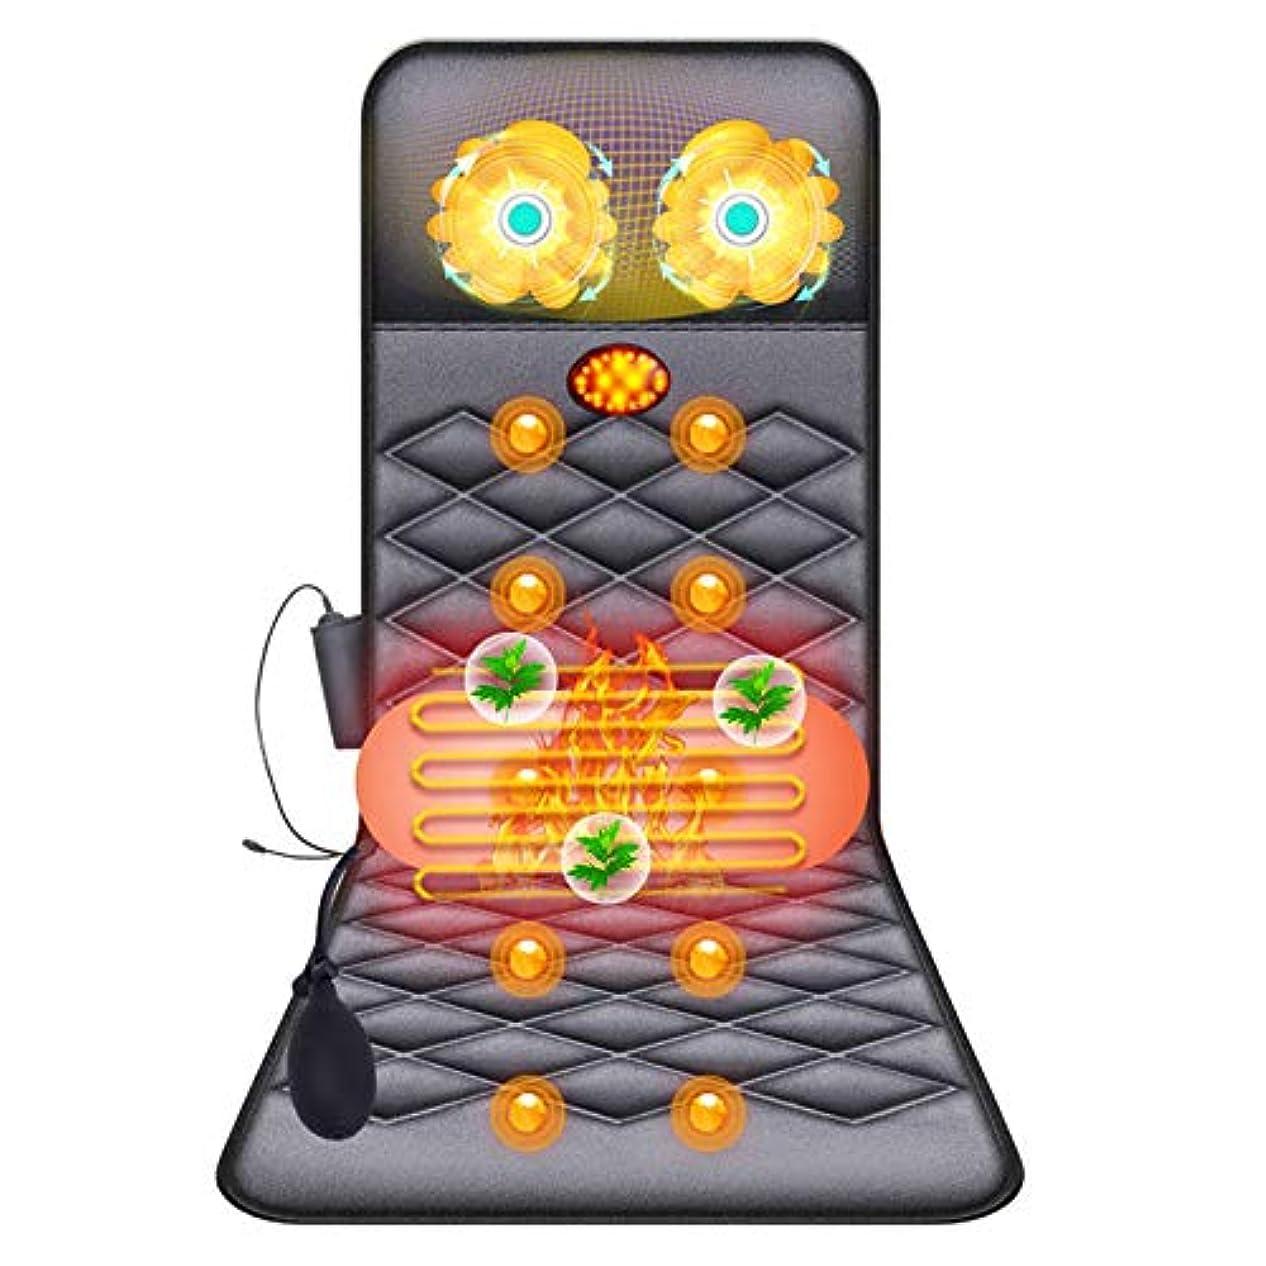 安心させる維持キャラクター電気バックマッサージマットレス赤外線暖房ネックマッサージマットレスエアバッグバックウエストヒップ多機能フルボディ温水マッサージマットレスマット